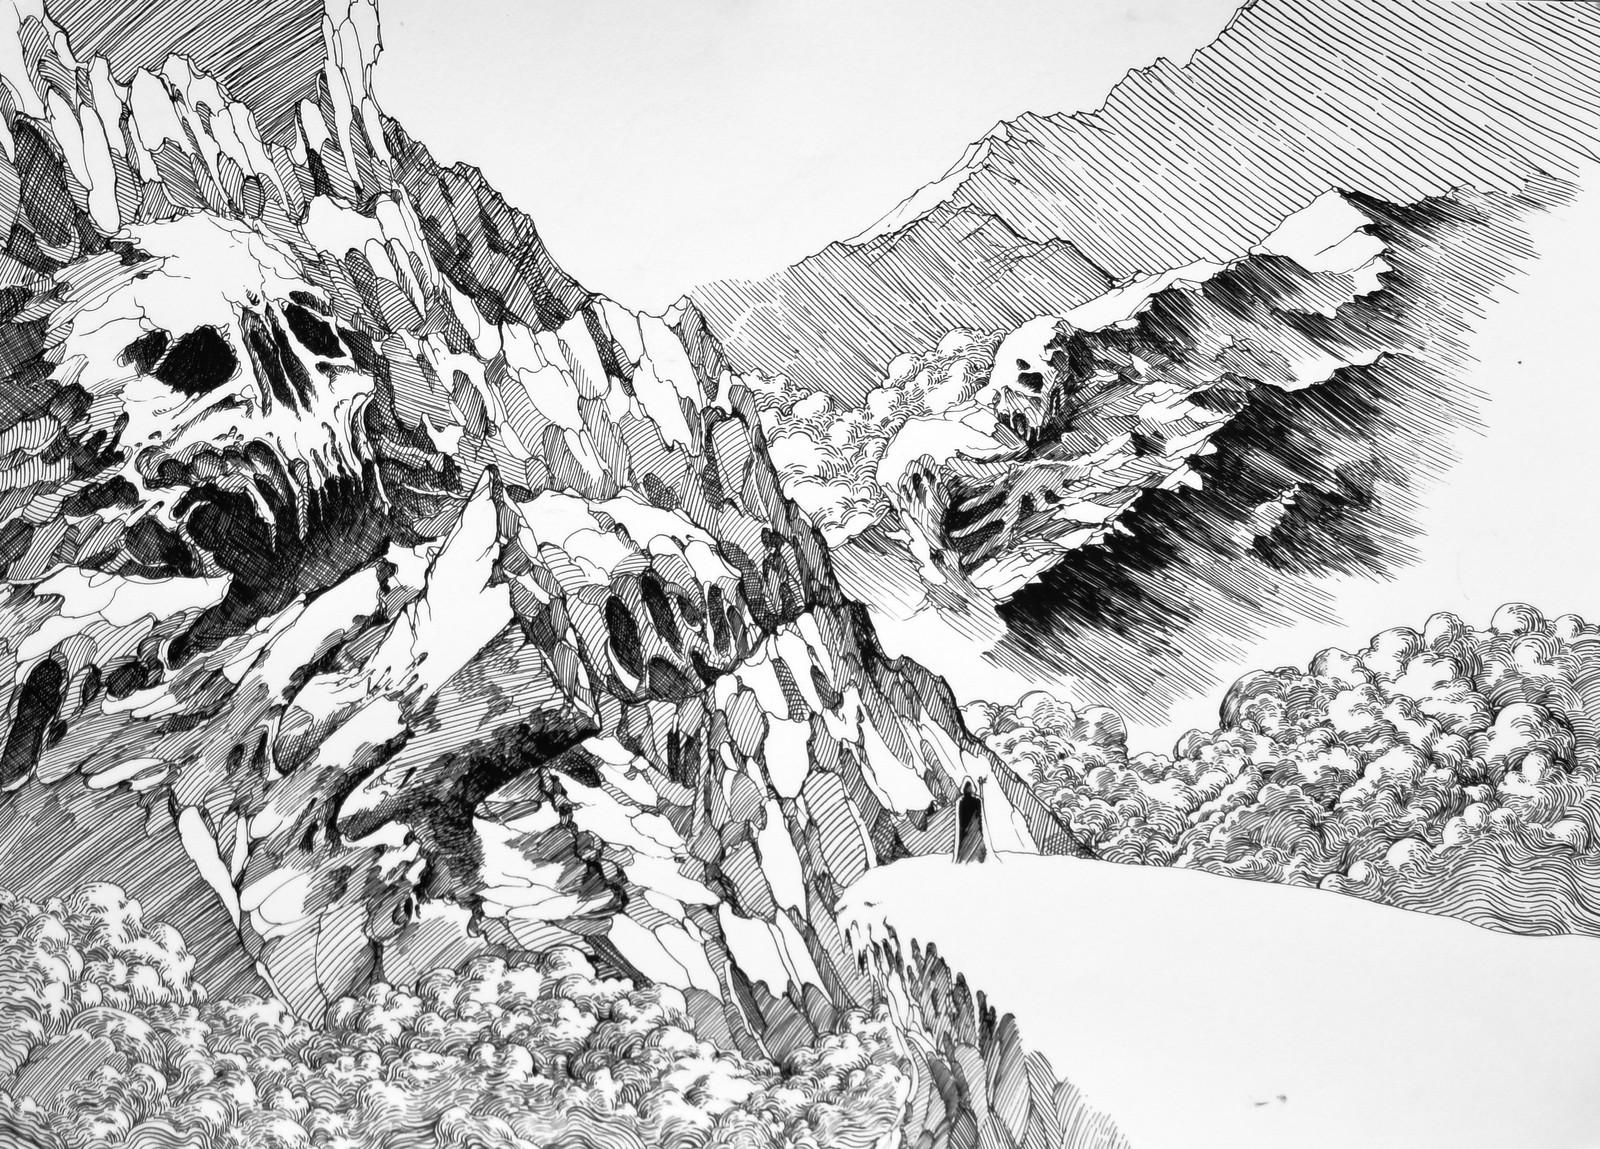 Lee Dabeen. The Elder Ones. 2018. Pen on paper, 394 x 545 mm.